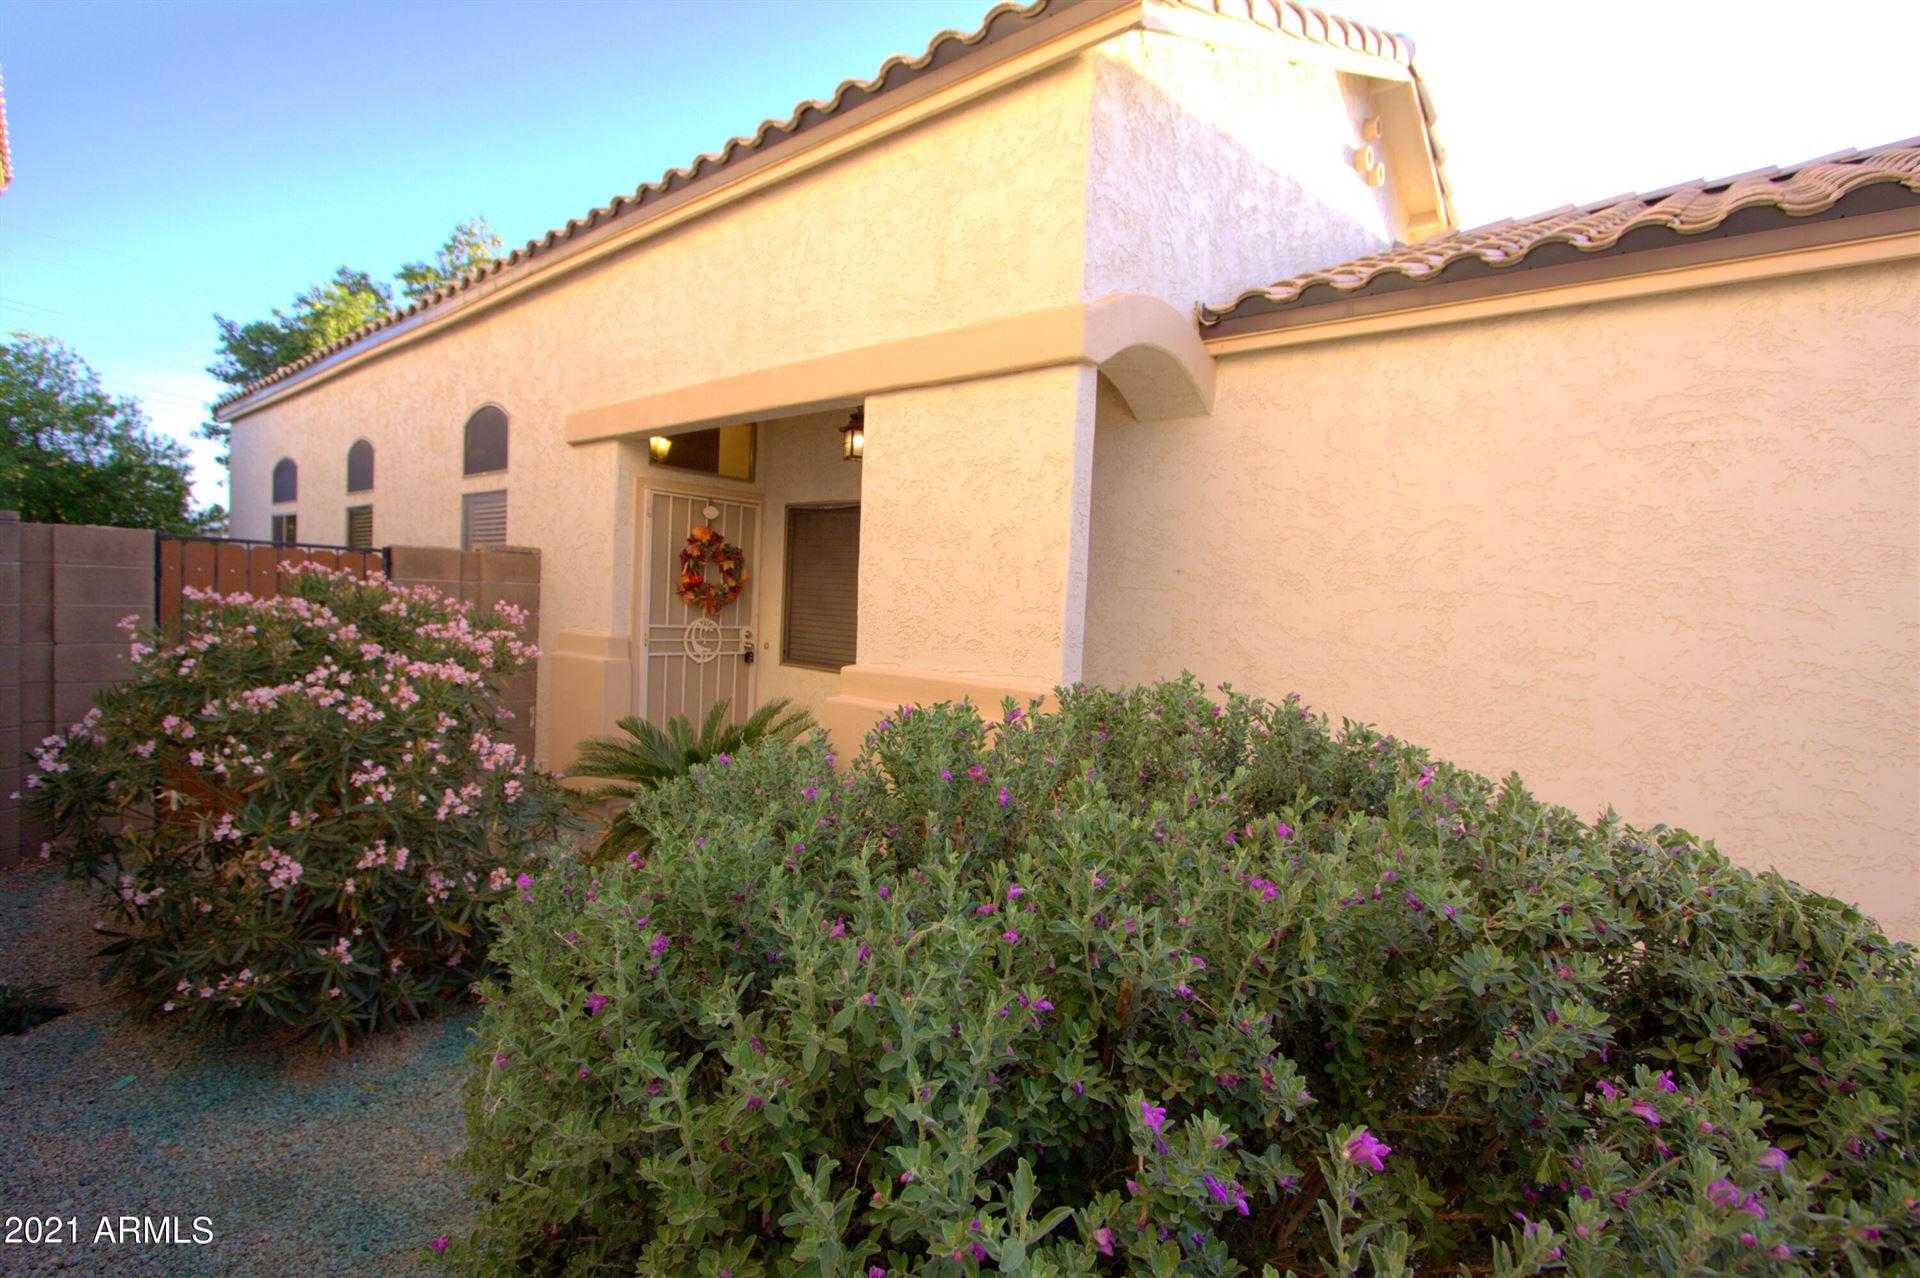 Photo of 3573 W CHAMA Road W, Glendale, AZ 85310 (MLS # 6233791)